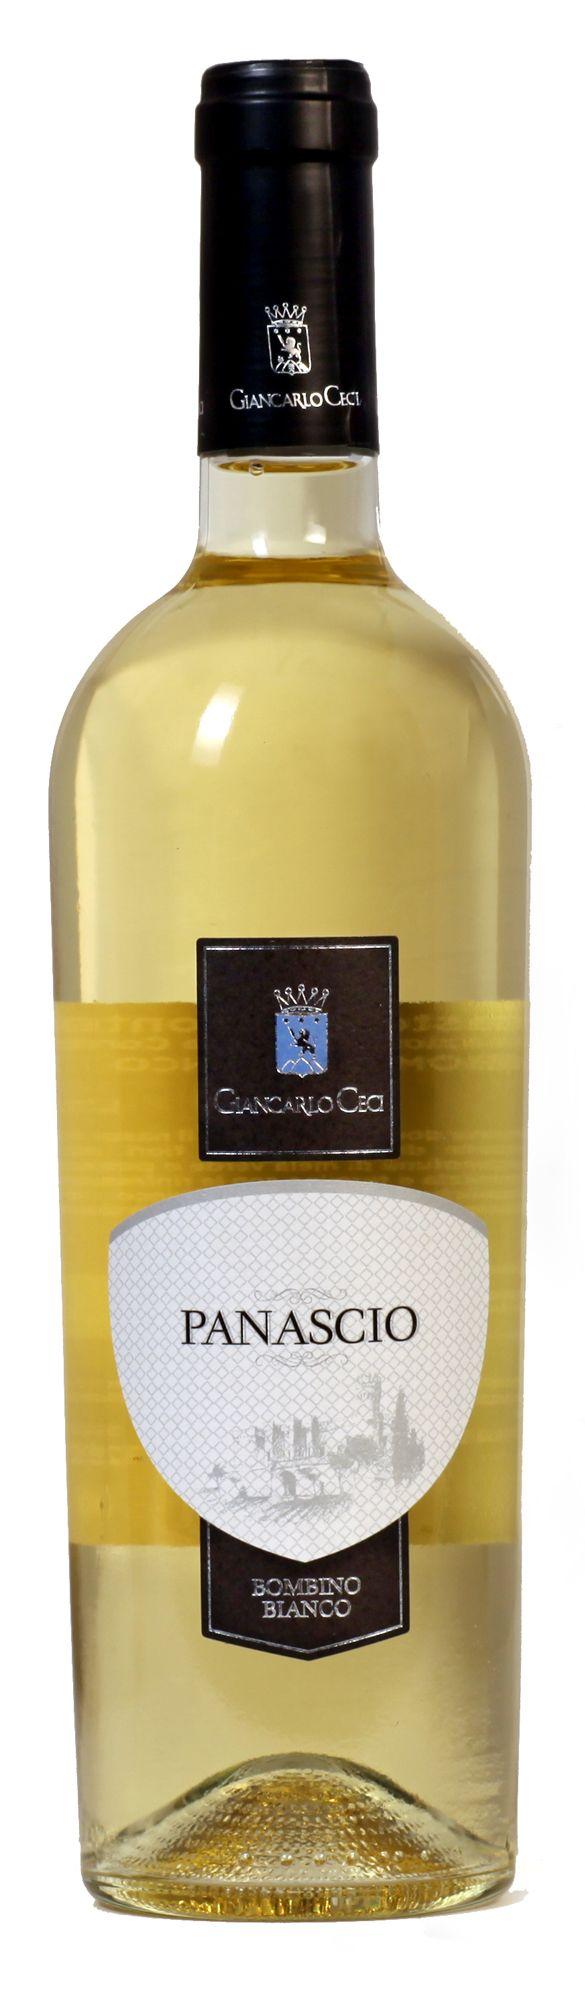 Panascio - Vino Bianco Biologico - Azienda Agricola Giancarlo Ceci